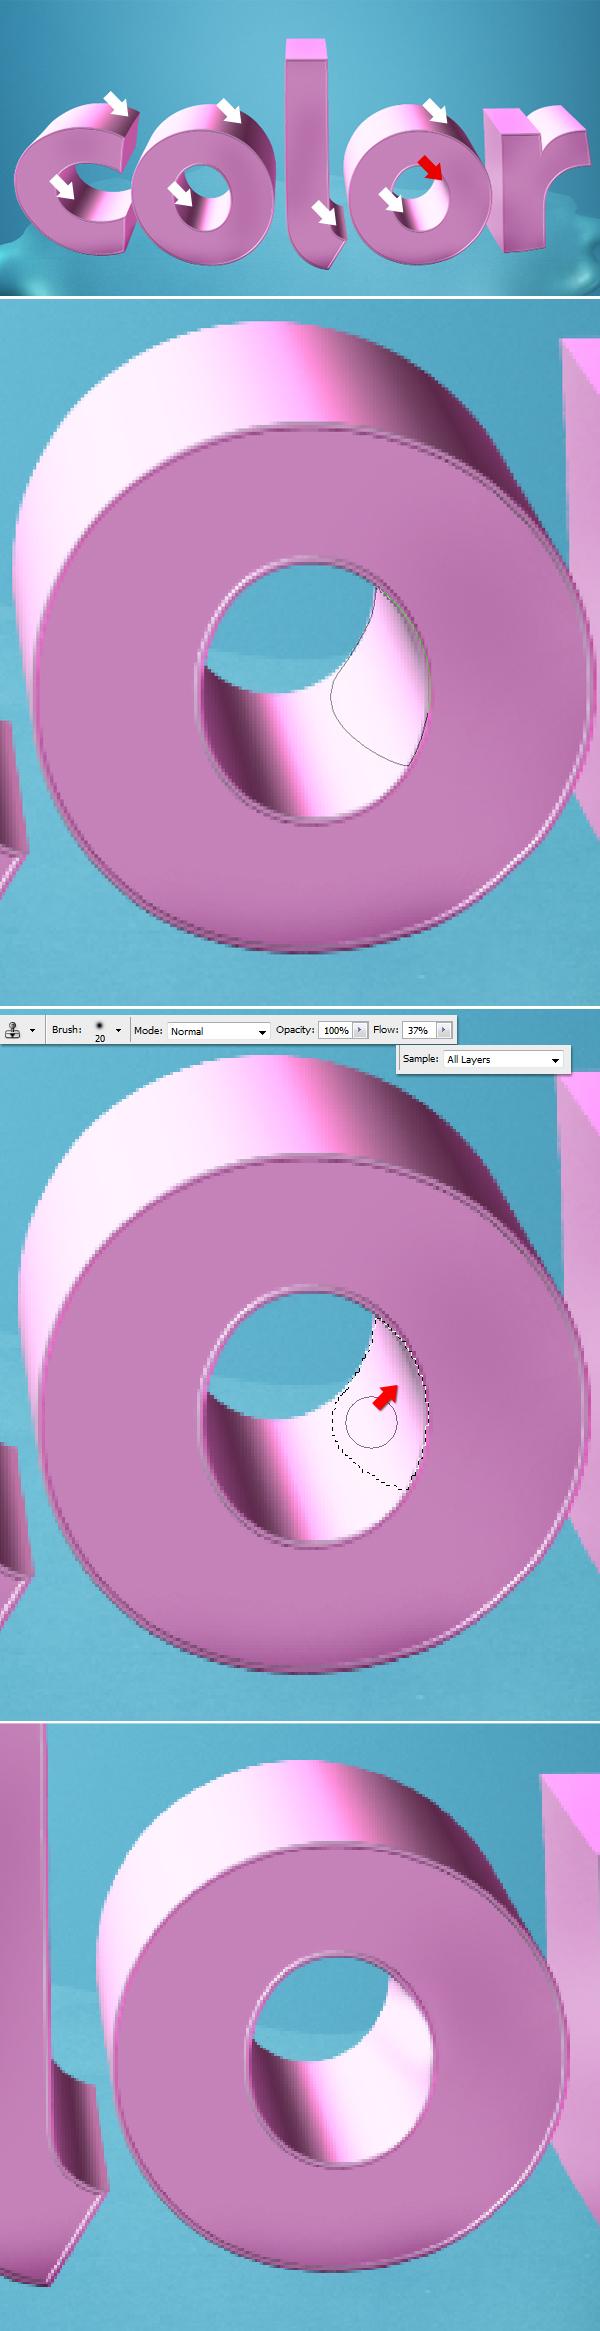 19 Thiết Kế 3D Text với Màu Sắc Ấn Tượng   Phần 1